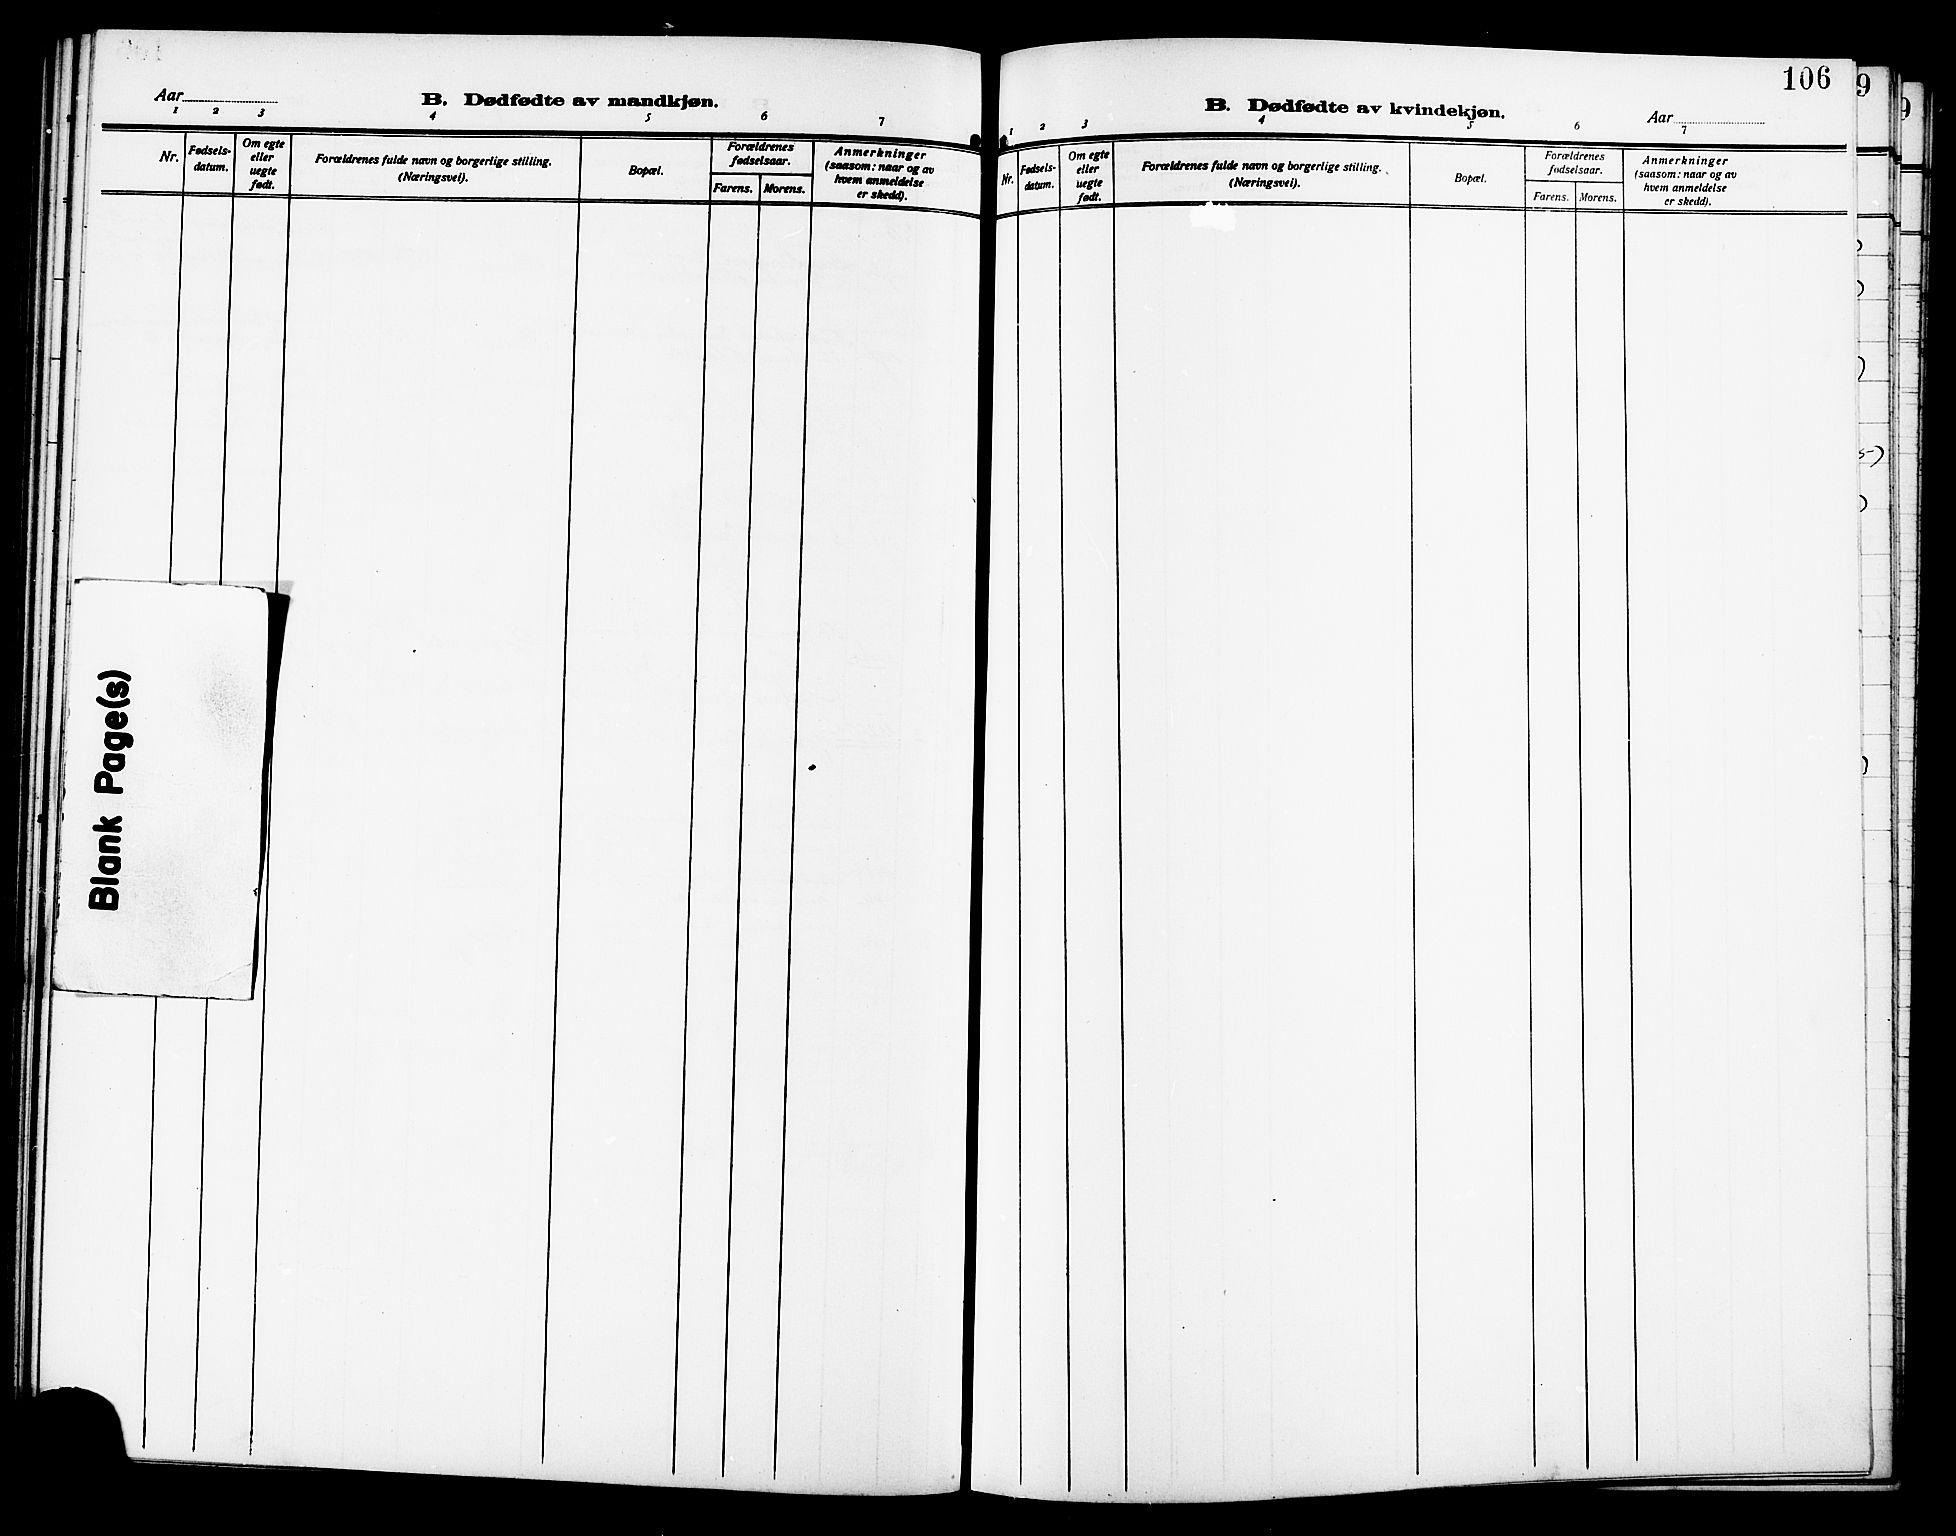 SAT, Ministerialprotokoller, klokkerbøker og fødselsregistre - Sør-Trøndelag, 640/L0588: Klokkerbok nr. 640C05, 1909-1922, s. 106